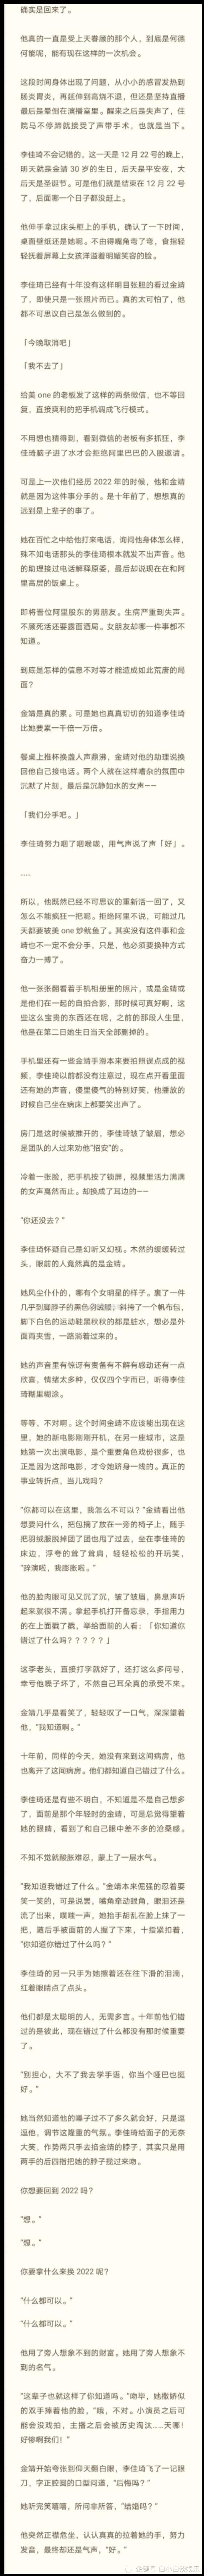 金靖被曝恋情,你们还嗑CP吗?(图13)